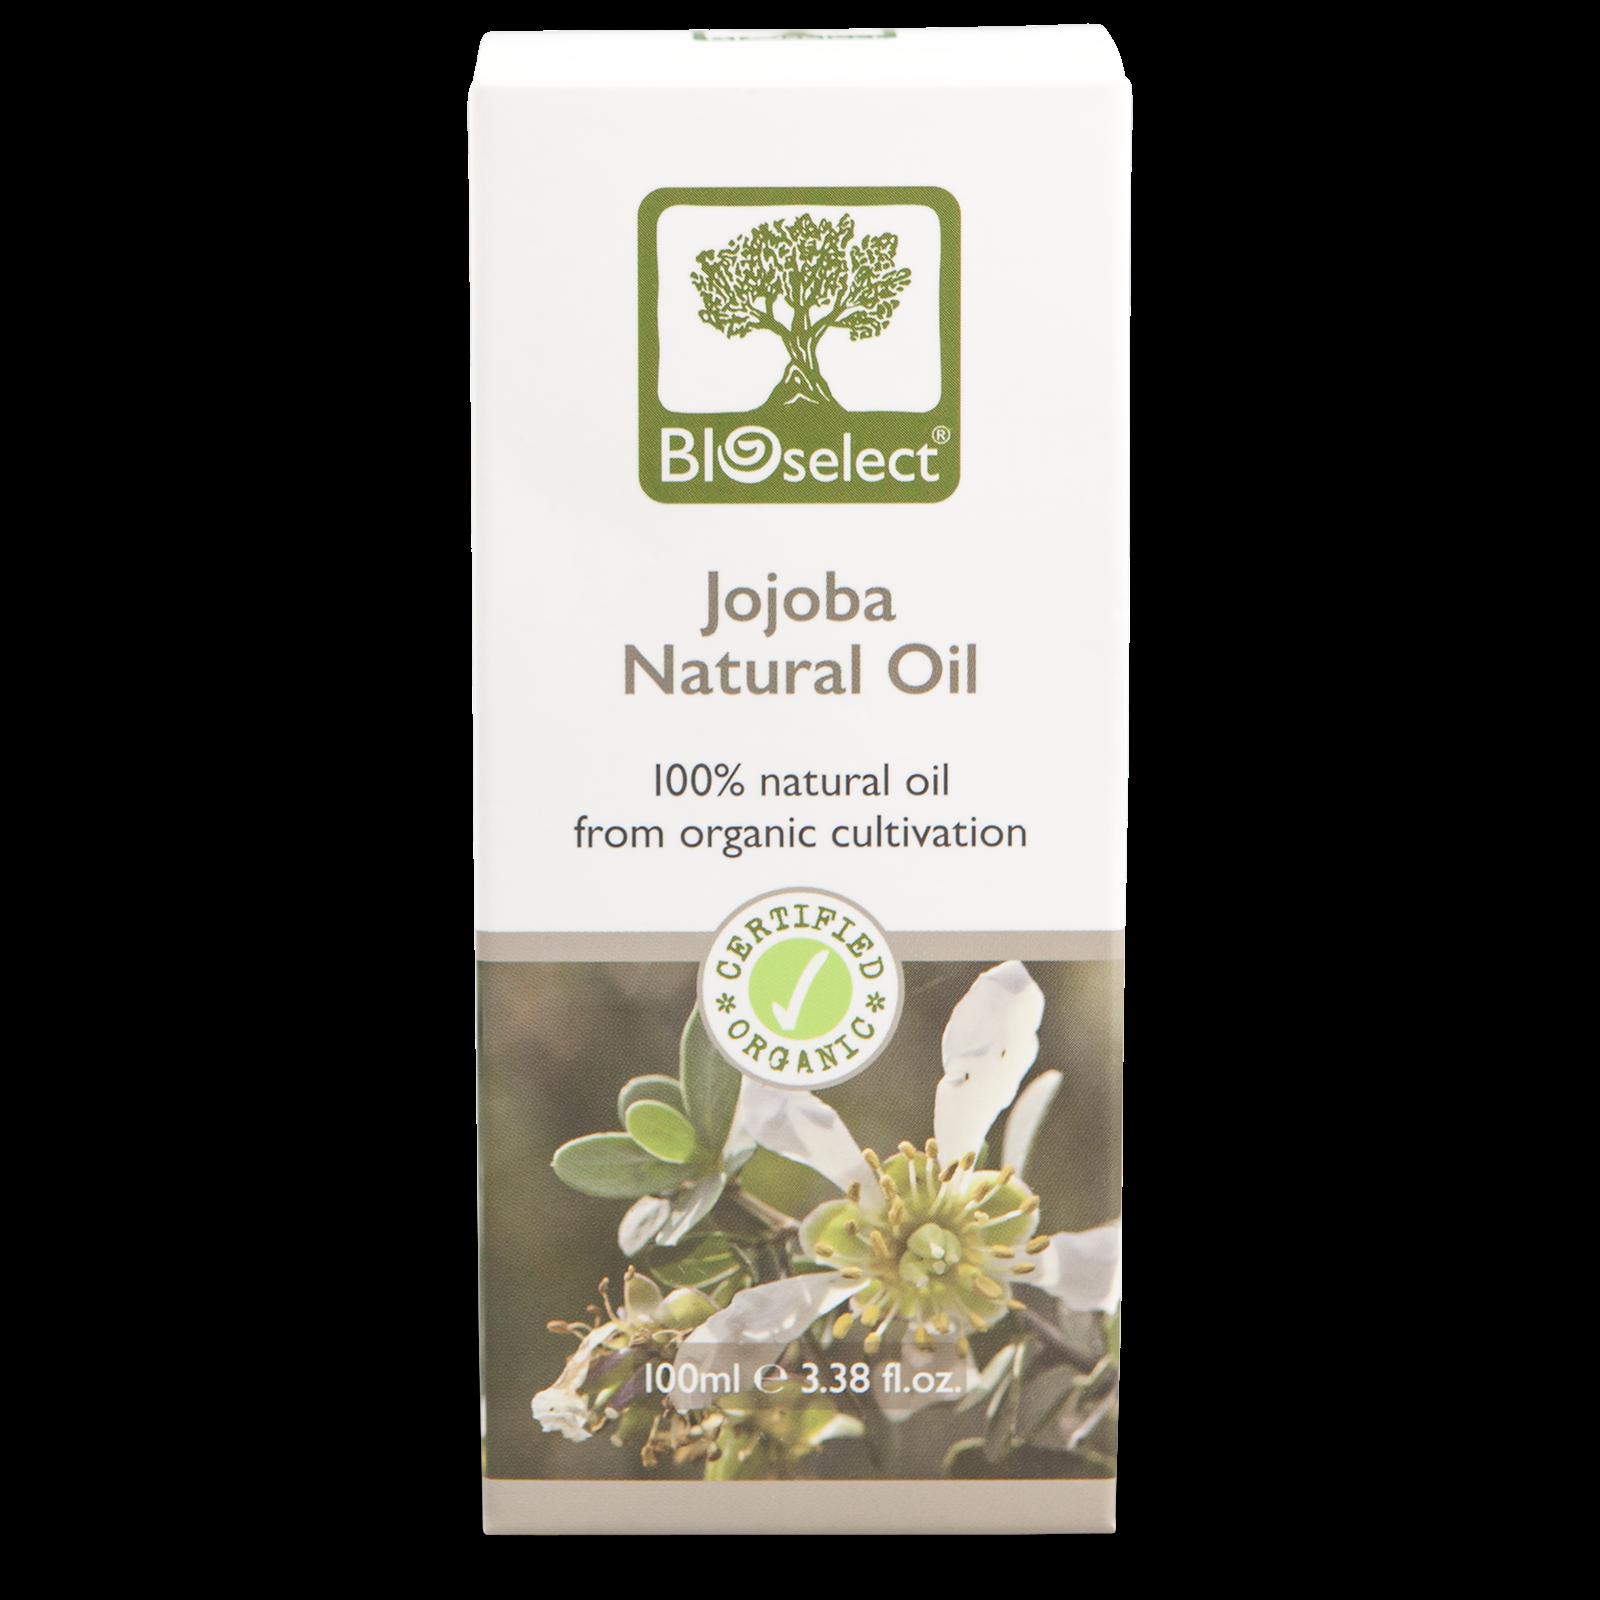 Bioselect Jojoba Natural Oil Certified Organic